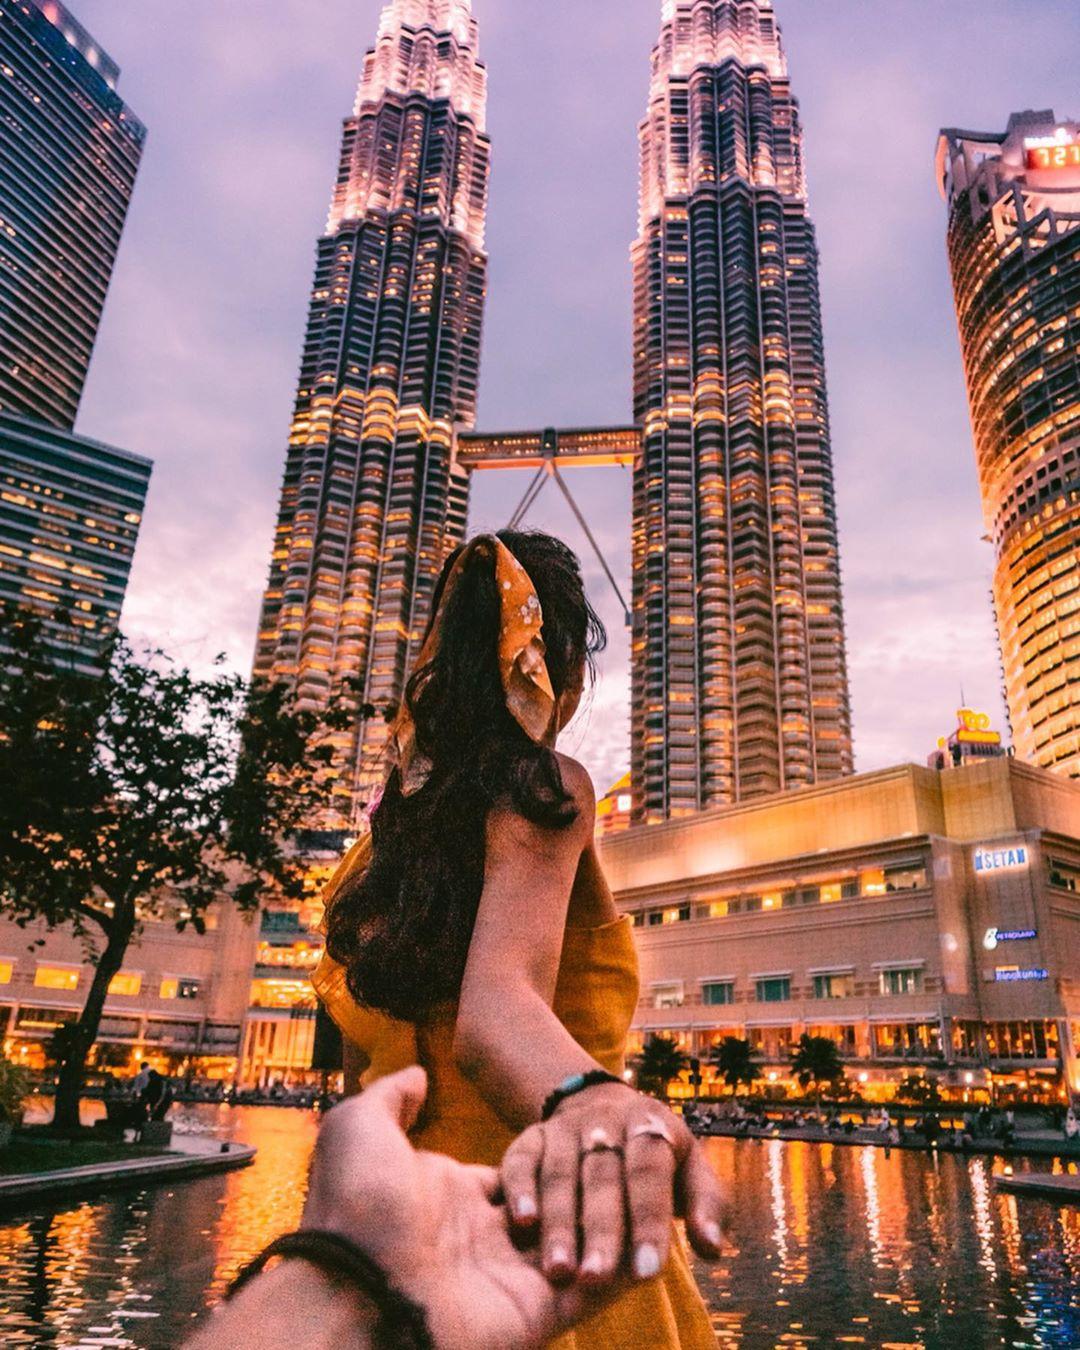 Có cả triệu người chụp ảnh dưới toà tháp Petronas Twin Tower nhưng không phải ai cũng biết bí quyết để có tấm ảnh lung linh nhất - Ảnh 1.